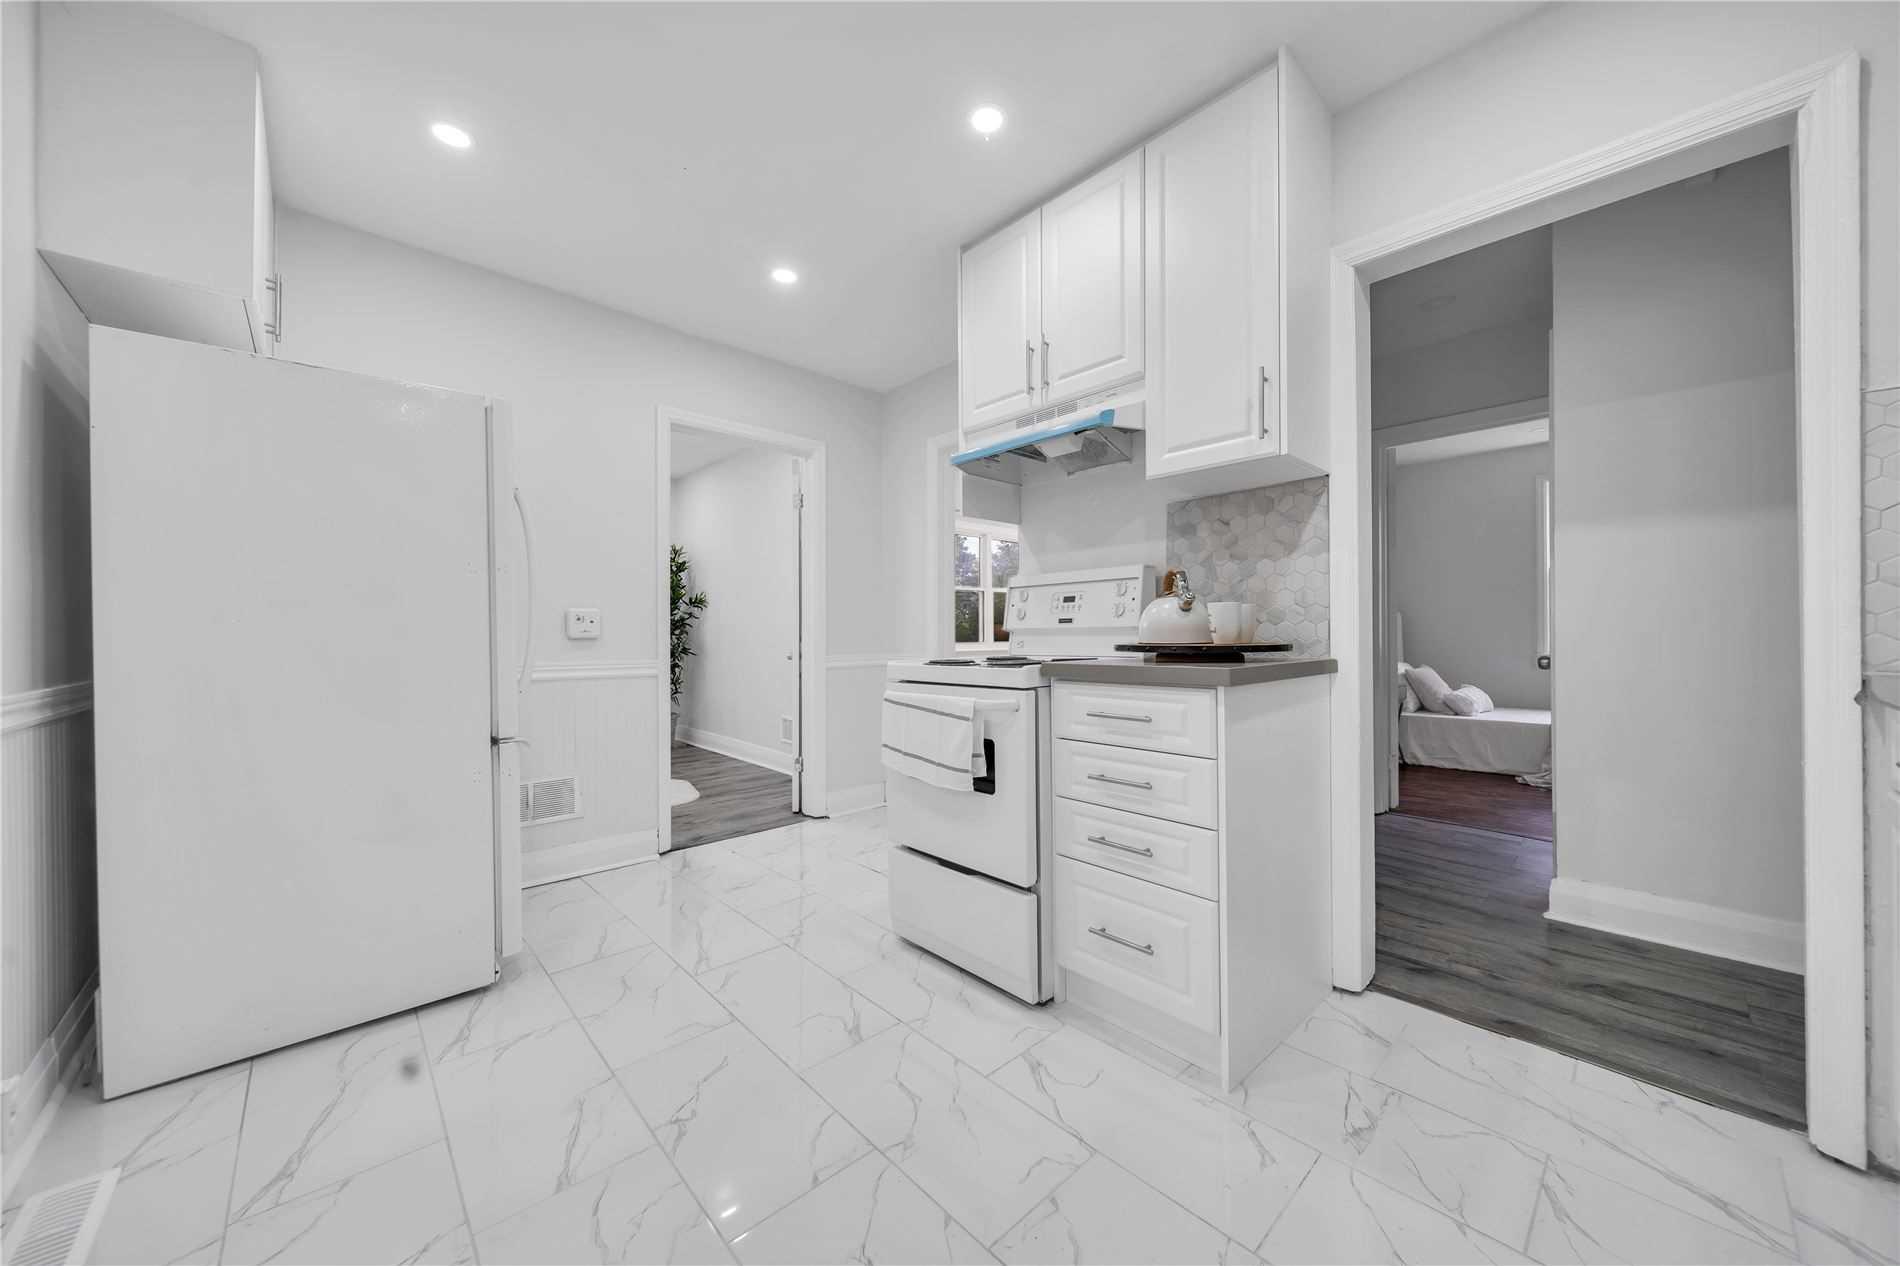 Detached house For Sale In Waterloo - 172 Moore Ave, Waterloo, Ontario, Canada N2J1X6 , 3 Bedrooms Bedrooms, ,3 BathroomsBathrooms,Detached,For Sale,Moore